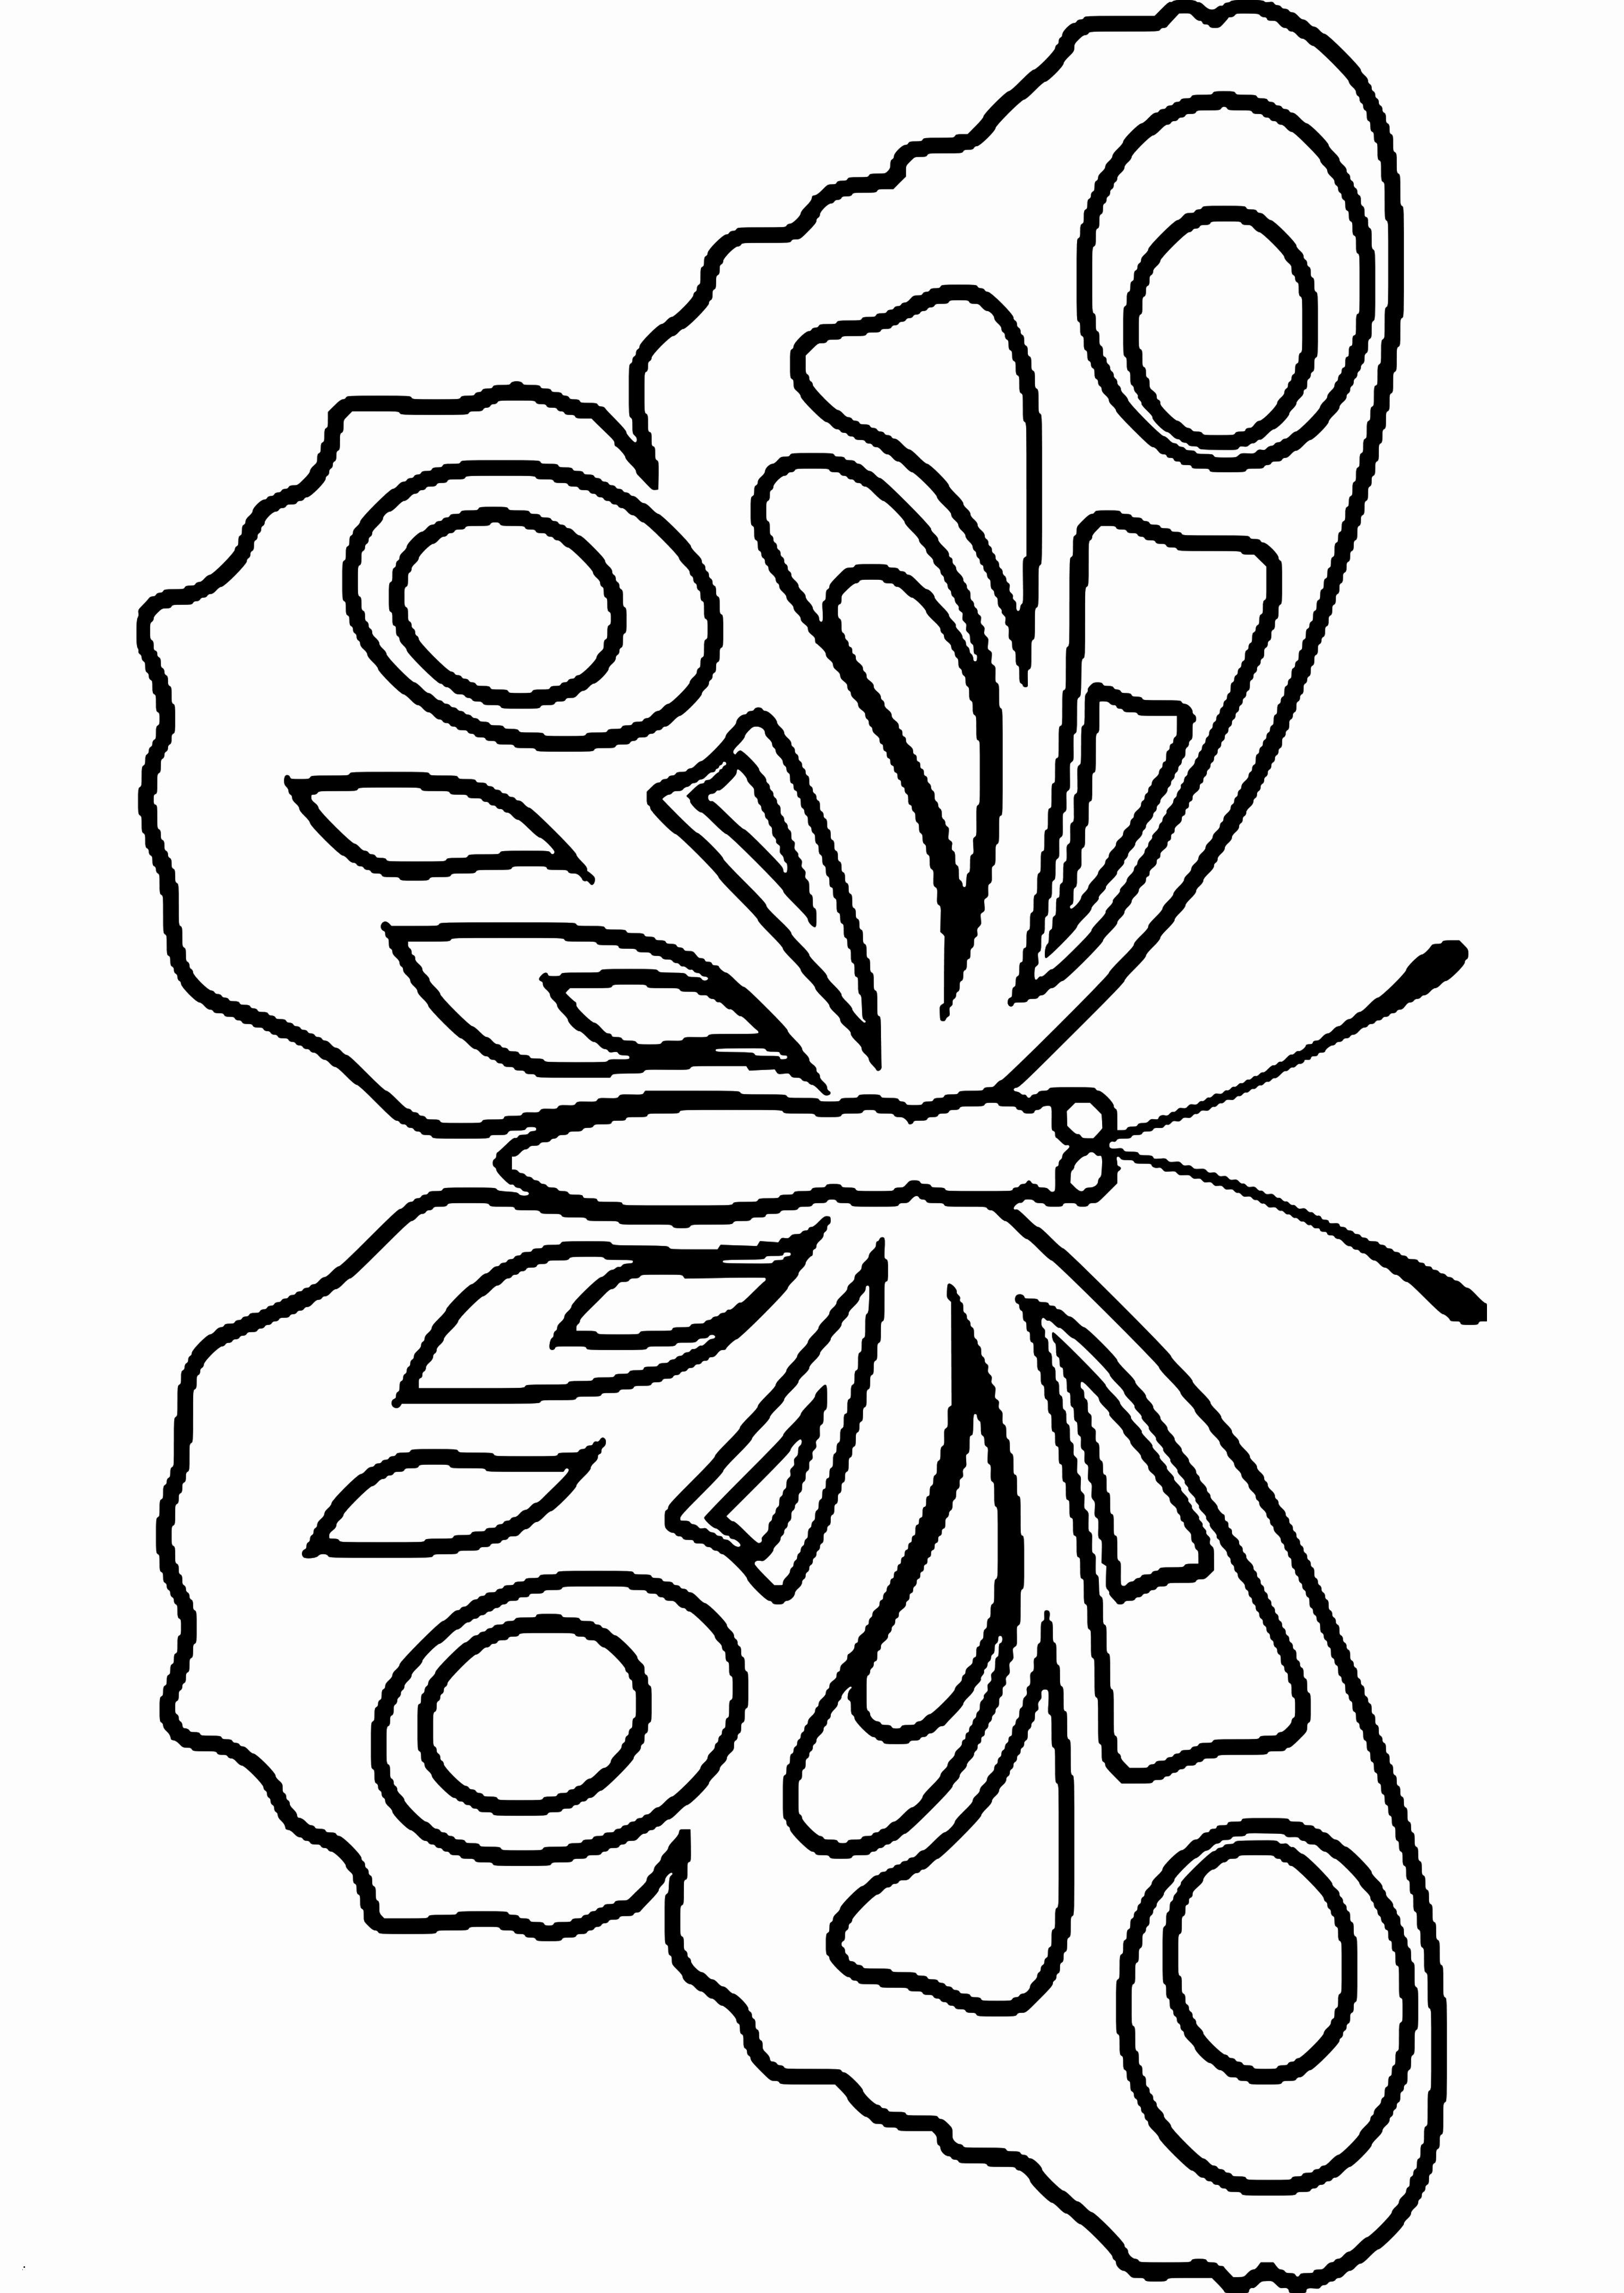 Schmetterlinge Bilder Zum Ausmalen Genial 40 Das Konzept Von Ausmalbilder Schmetterling Zum Ausdrucken Stock